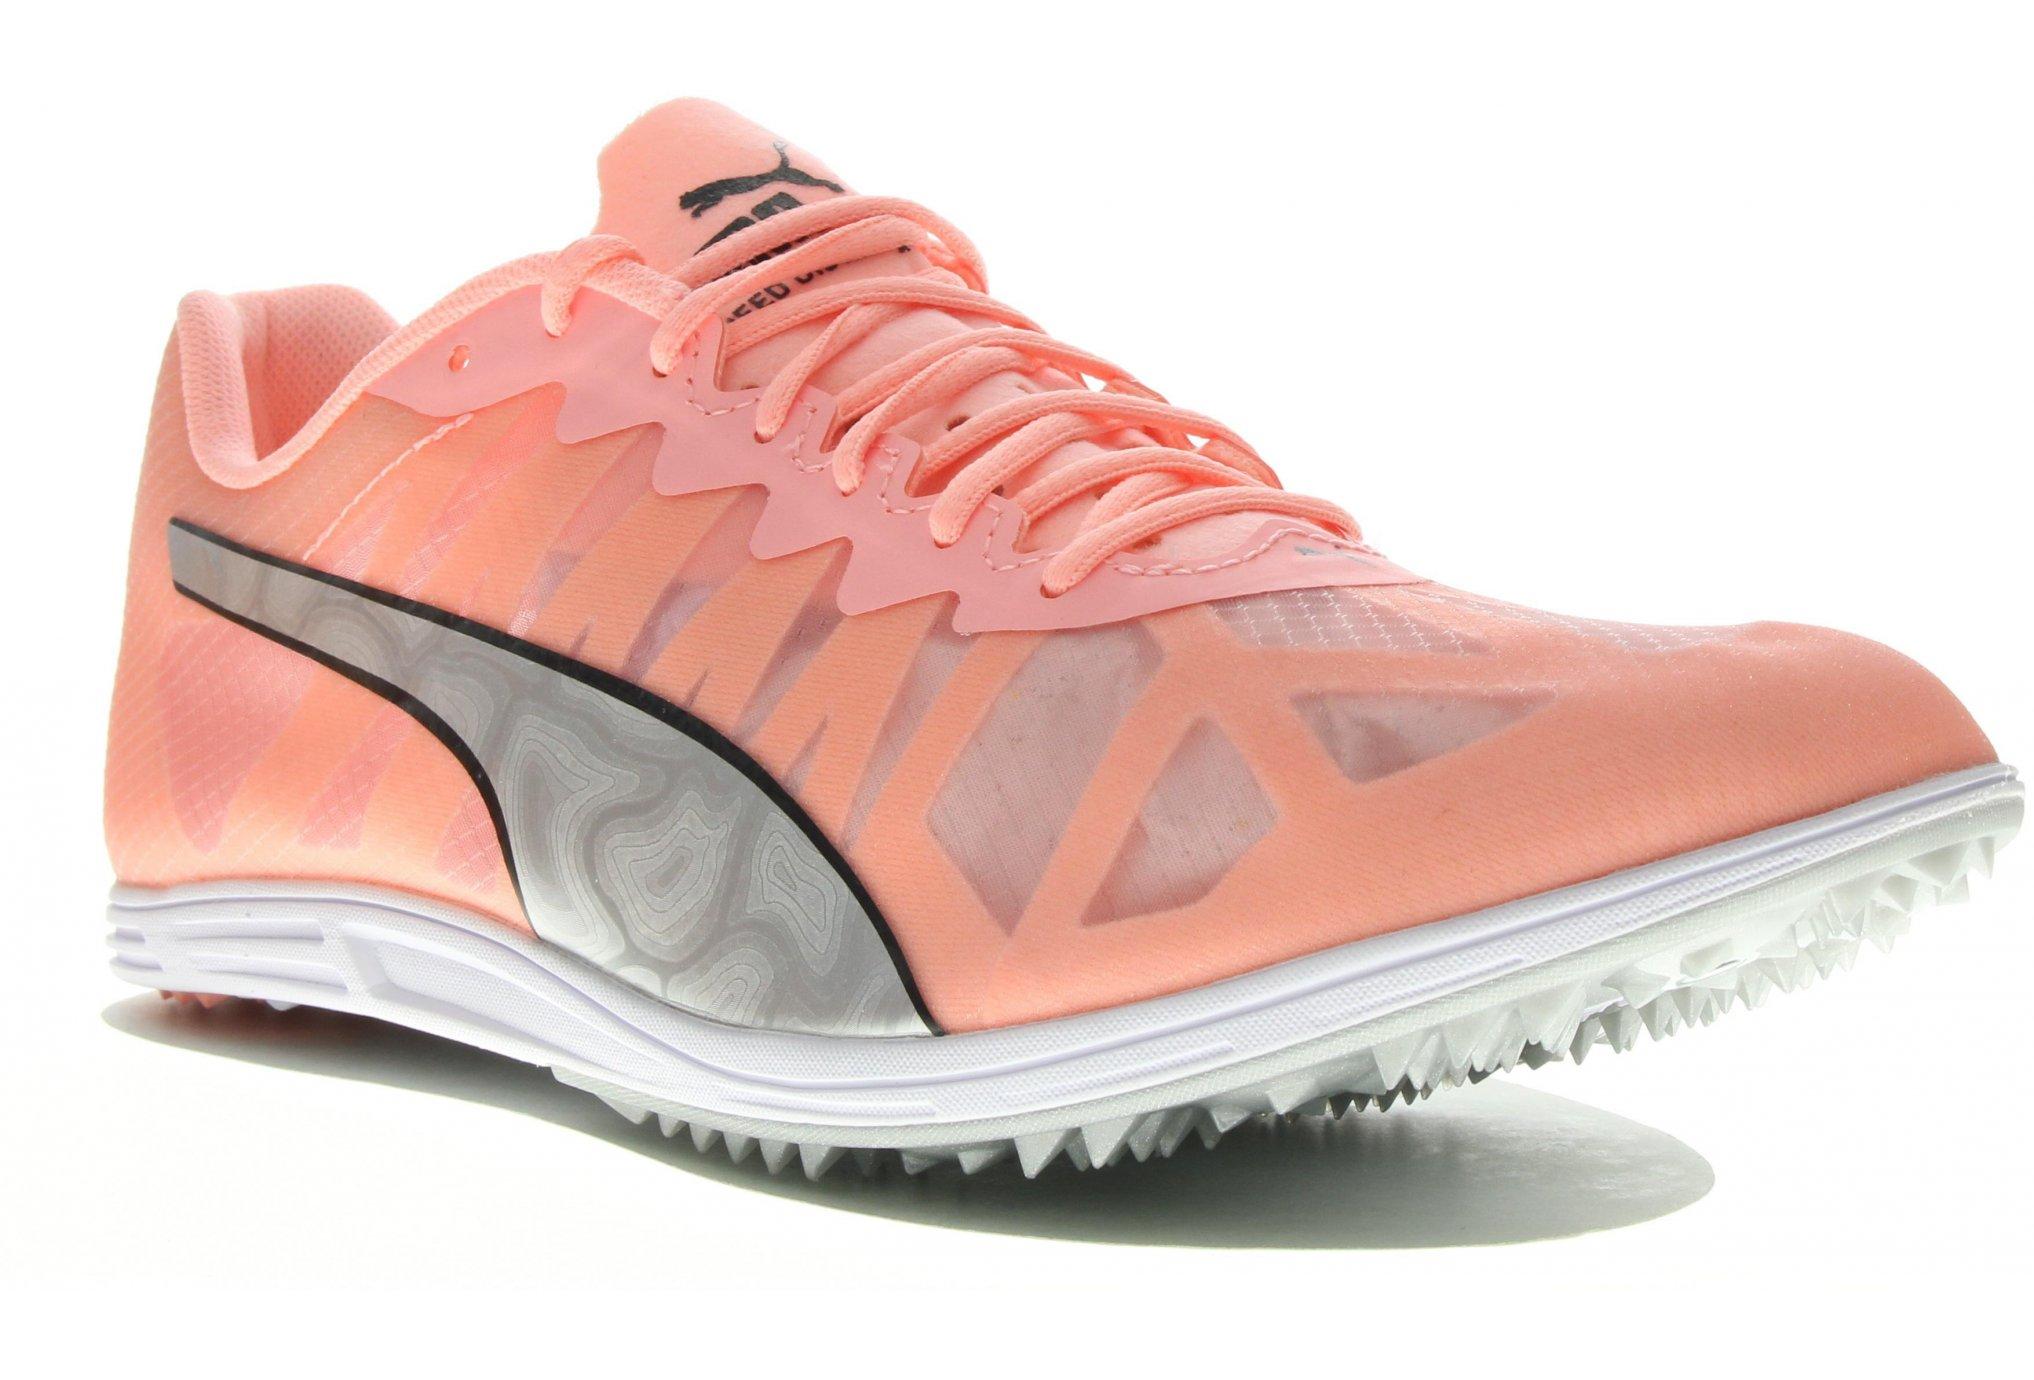 Puma evoSPEED Distance 9 W Chaussures running femme